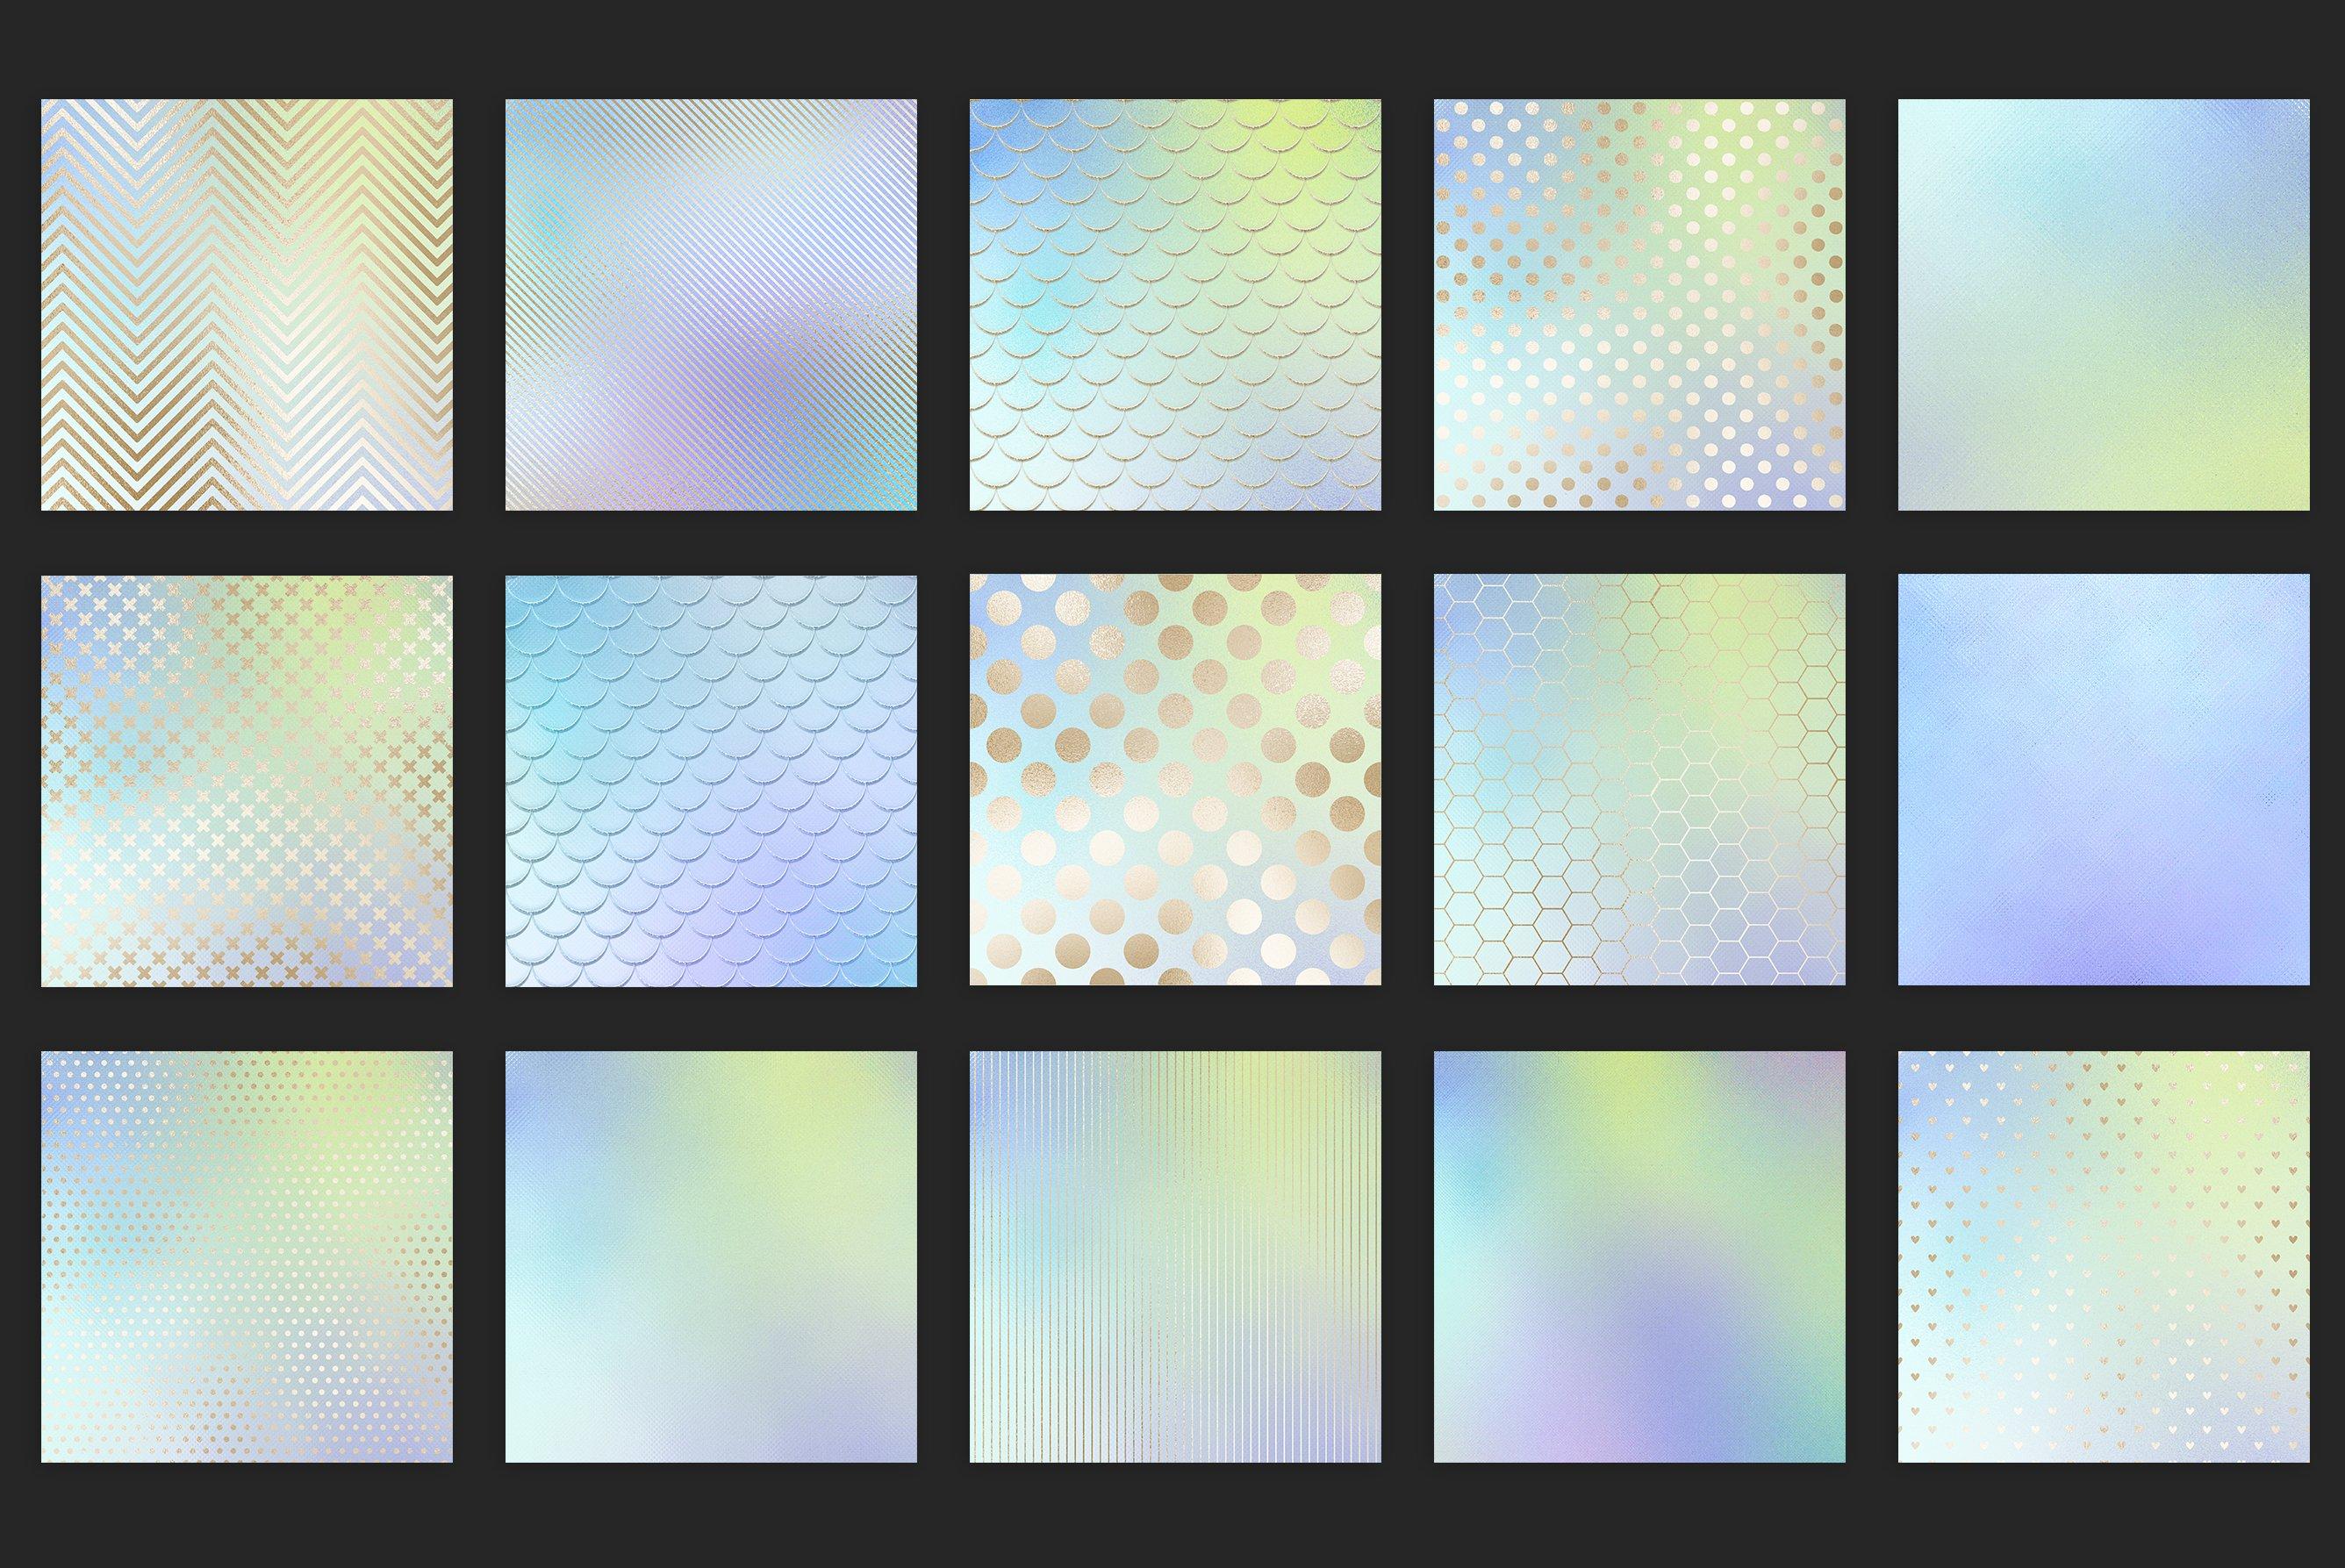 20款虹彩金色纹理海报设计背景图片素材 Iridescent Gold Textures插图3